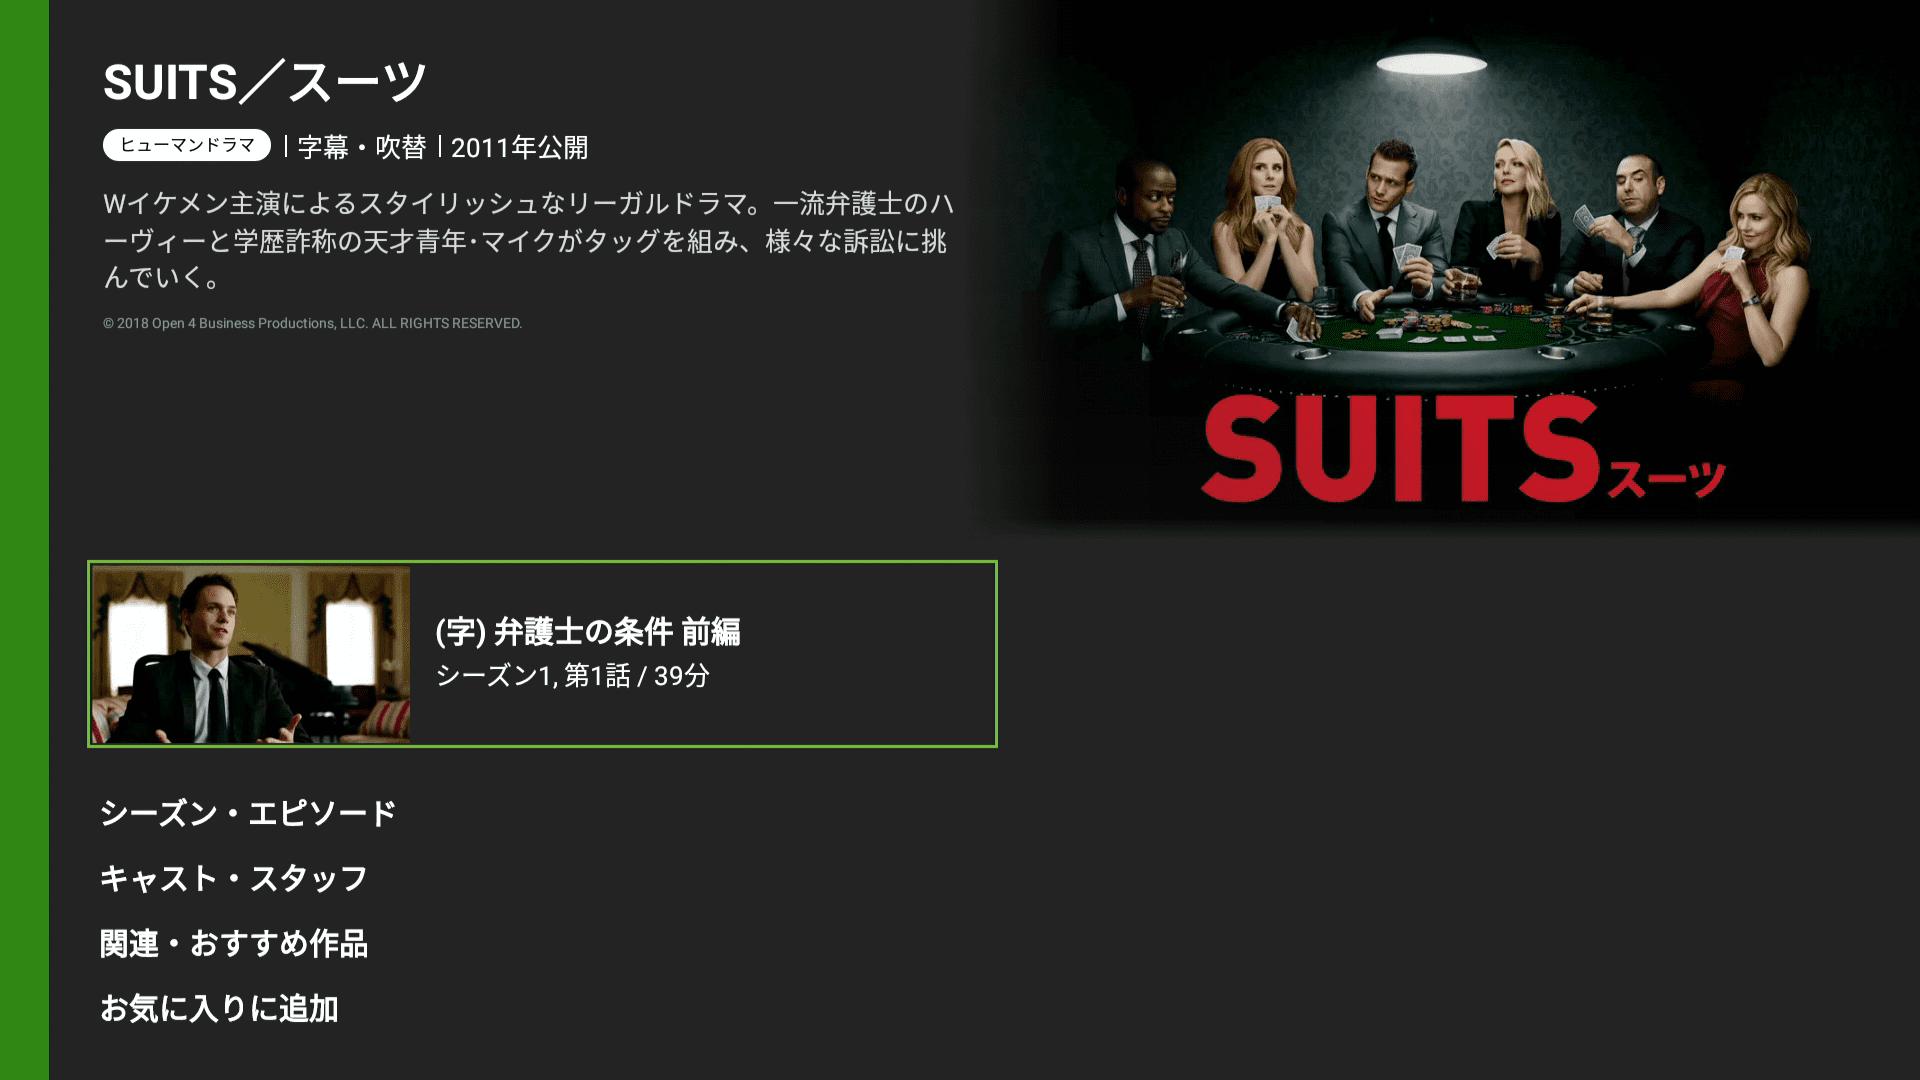 【海外ドラマ・スーツを無料視聴】動画配信サービスでスーツ・シーズン1~シーズン8まで無料録画してPC保存する|Huluなら月額933円でSUITSが見放題!|録画方法:OBS Studioで動画を録画する